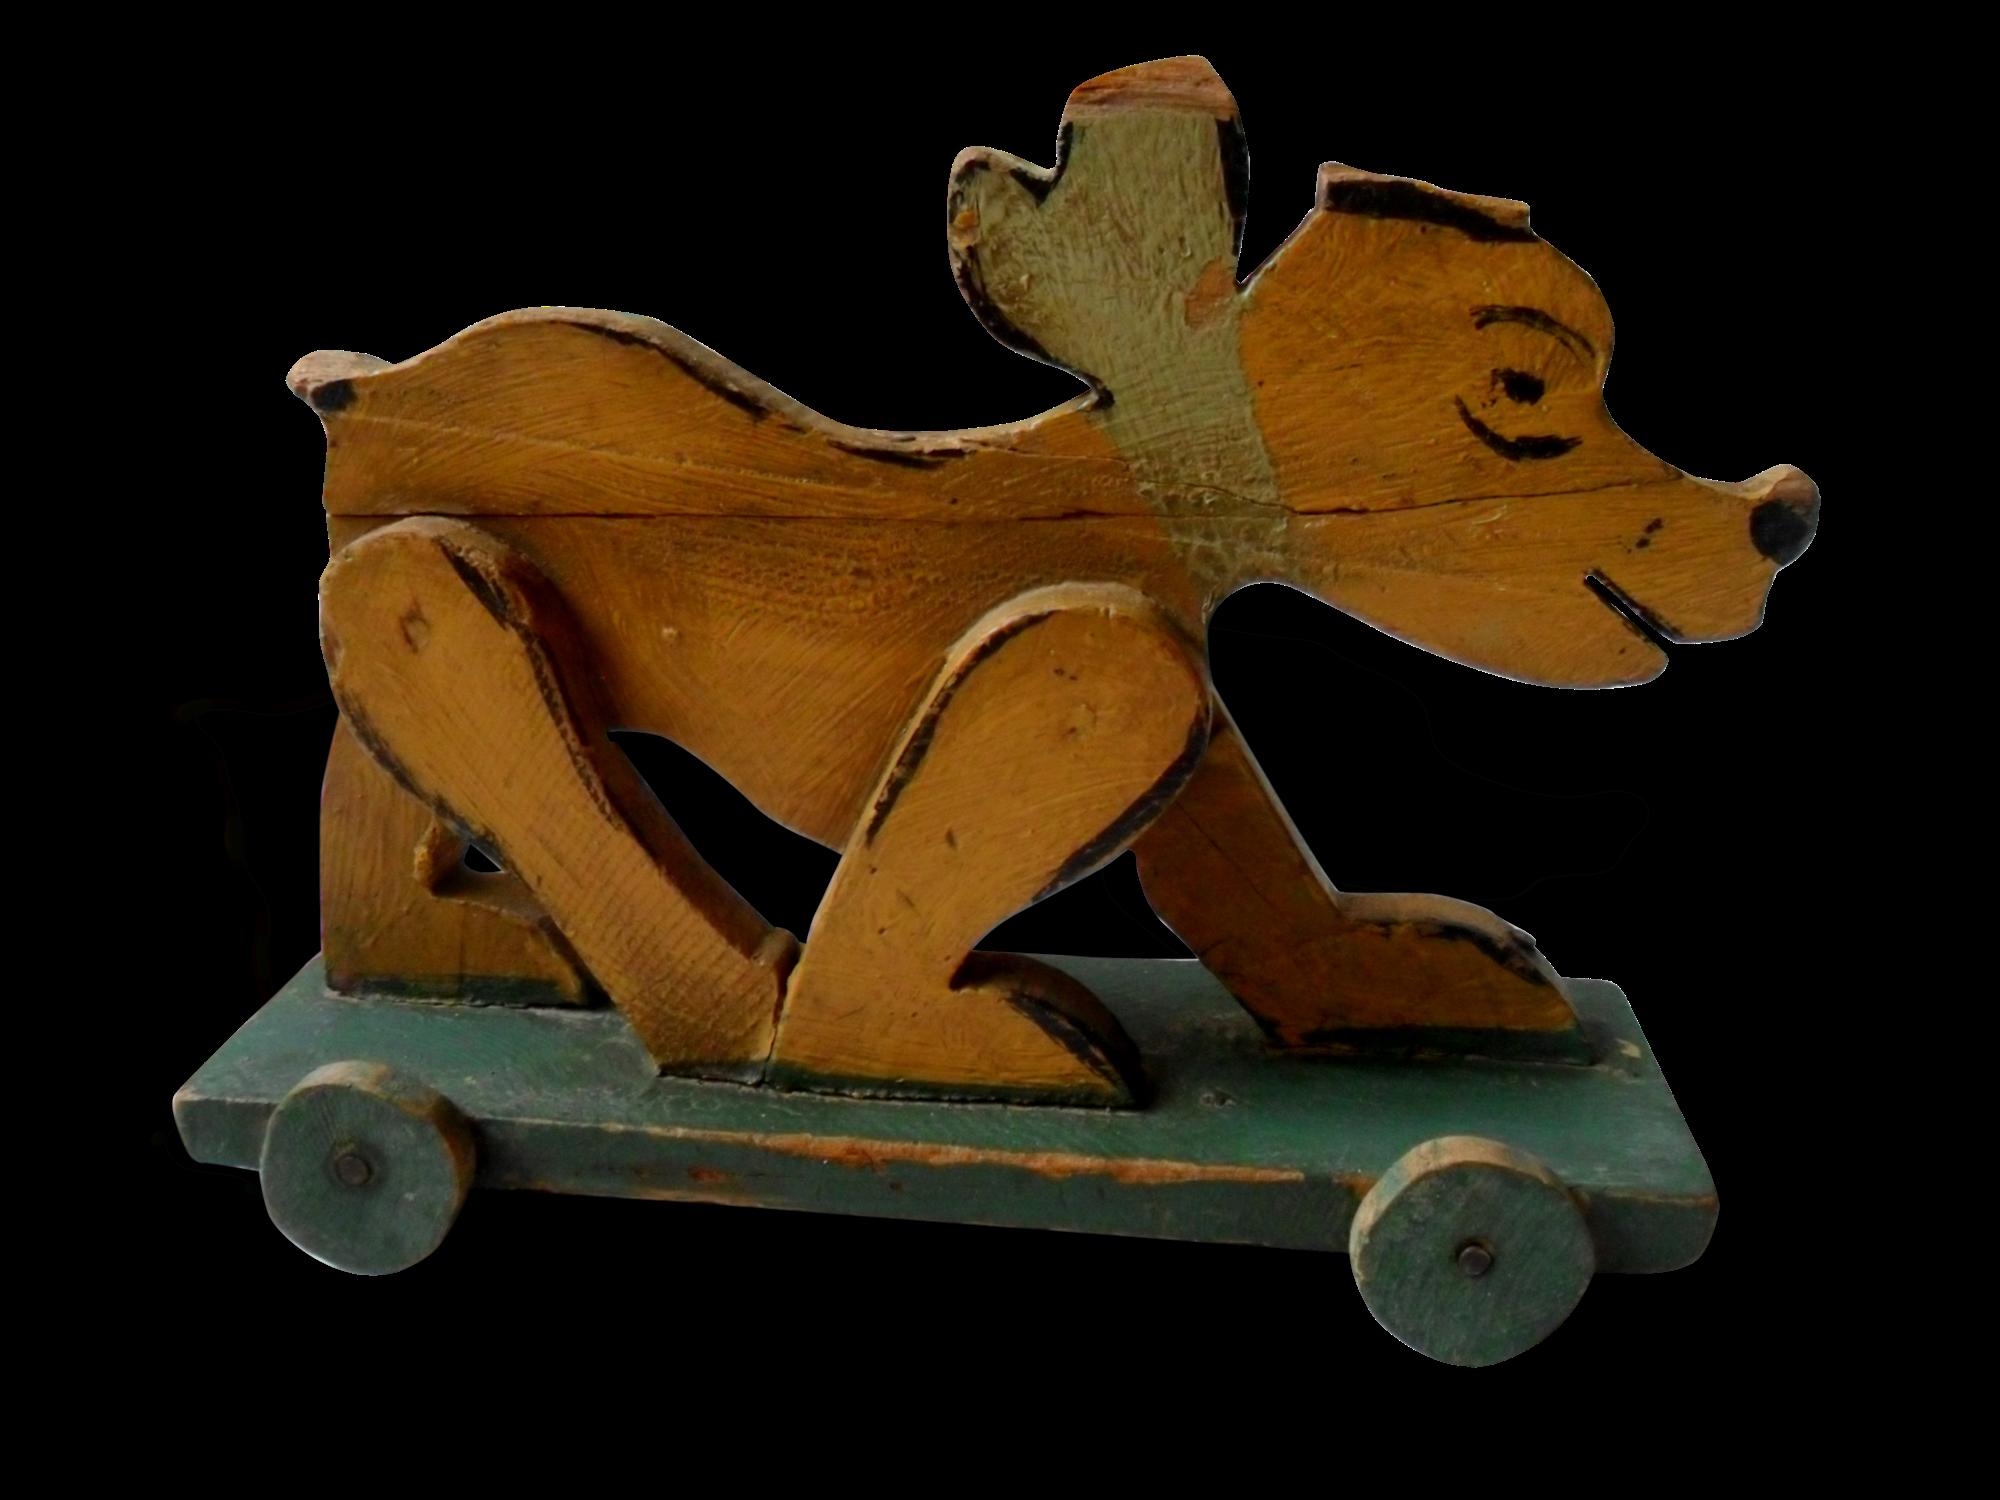 jouet ancien en bois perfect jouet ancien dejou en bois. Black Bedroom Furniture Sets. Home Design Ideas